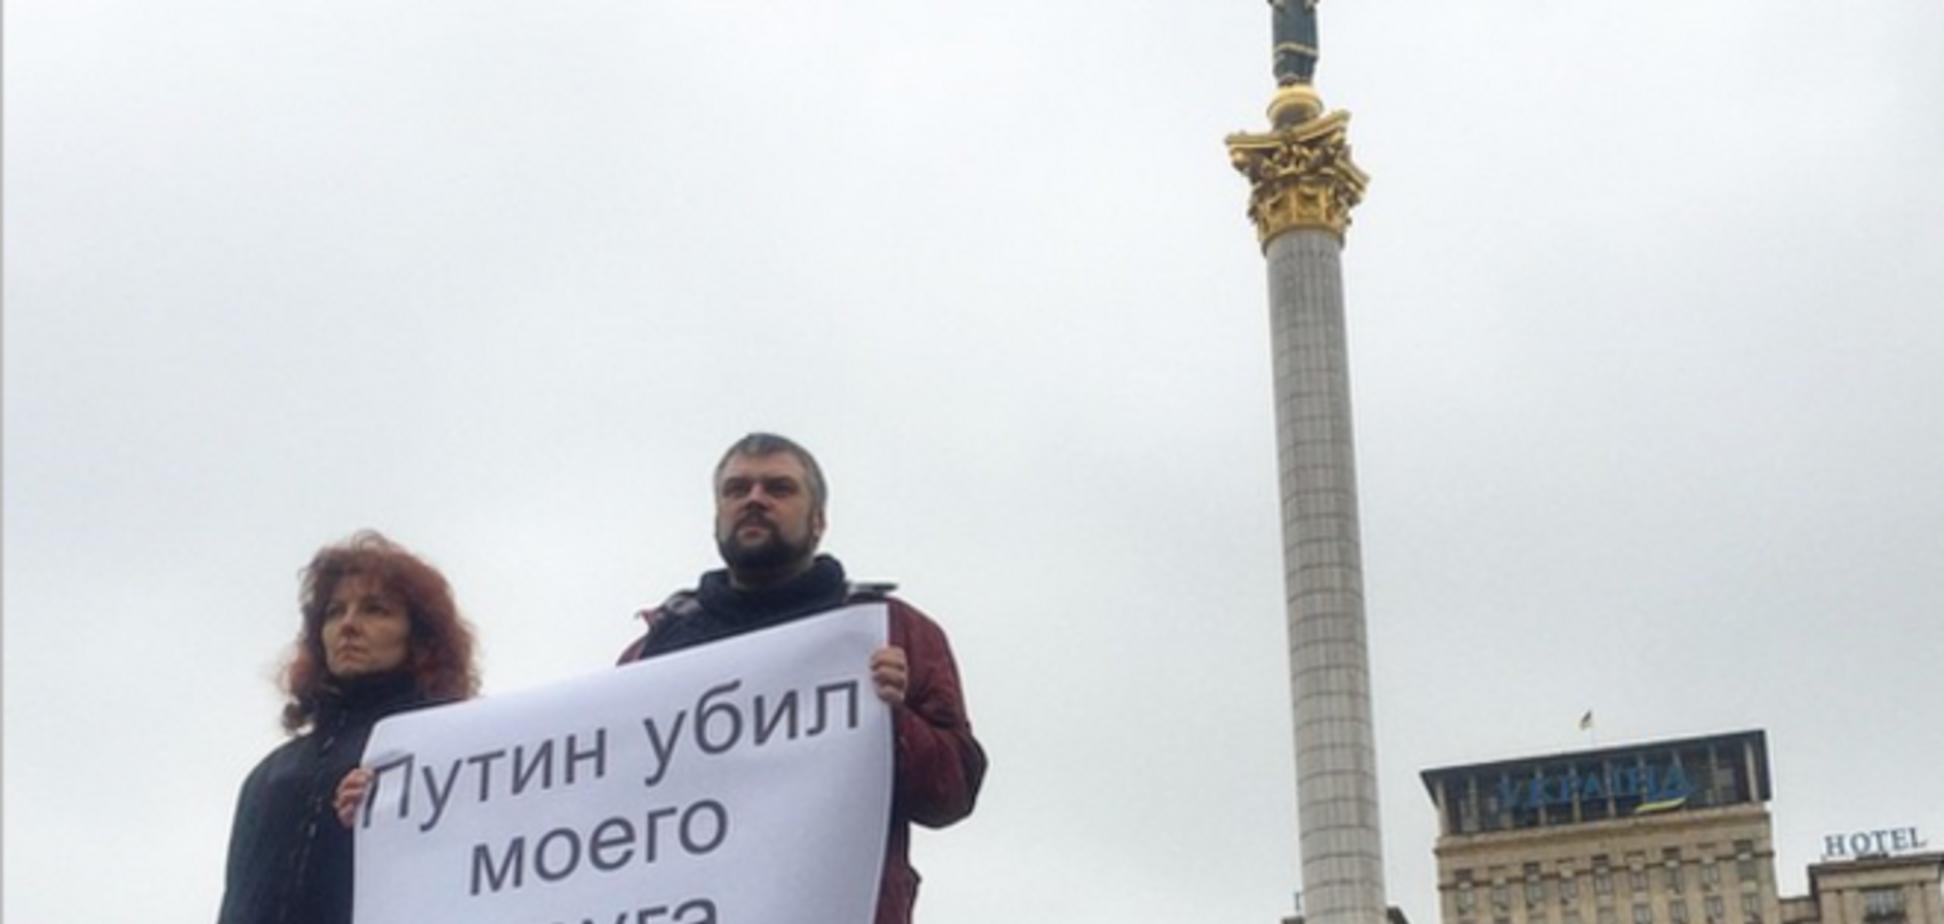 'Путин убил моего друга'. В Киеве вспоминают Бориса Немцова: фото и видео